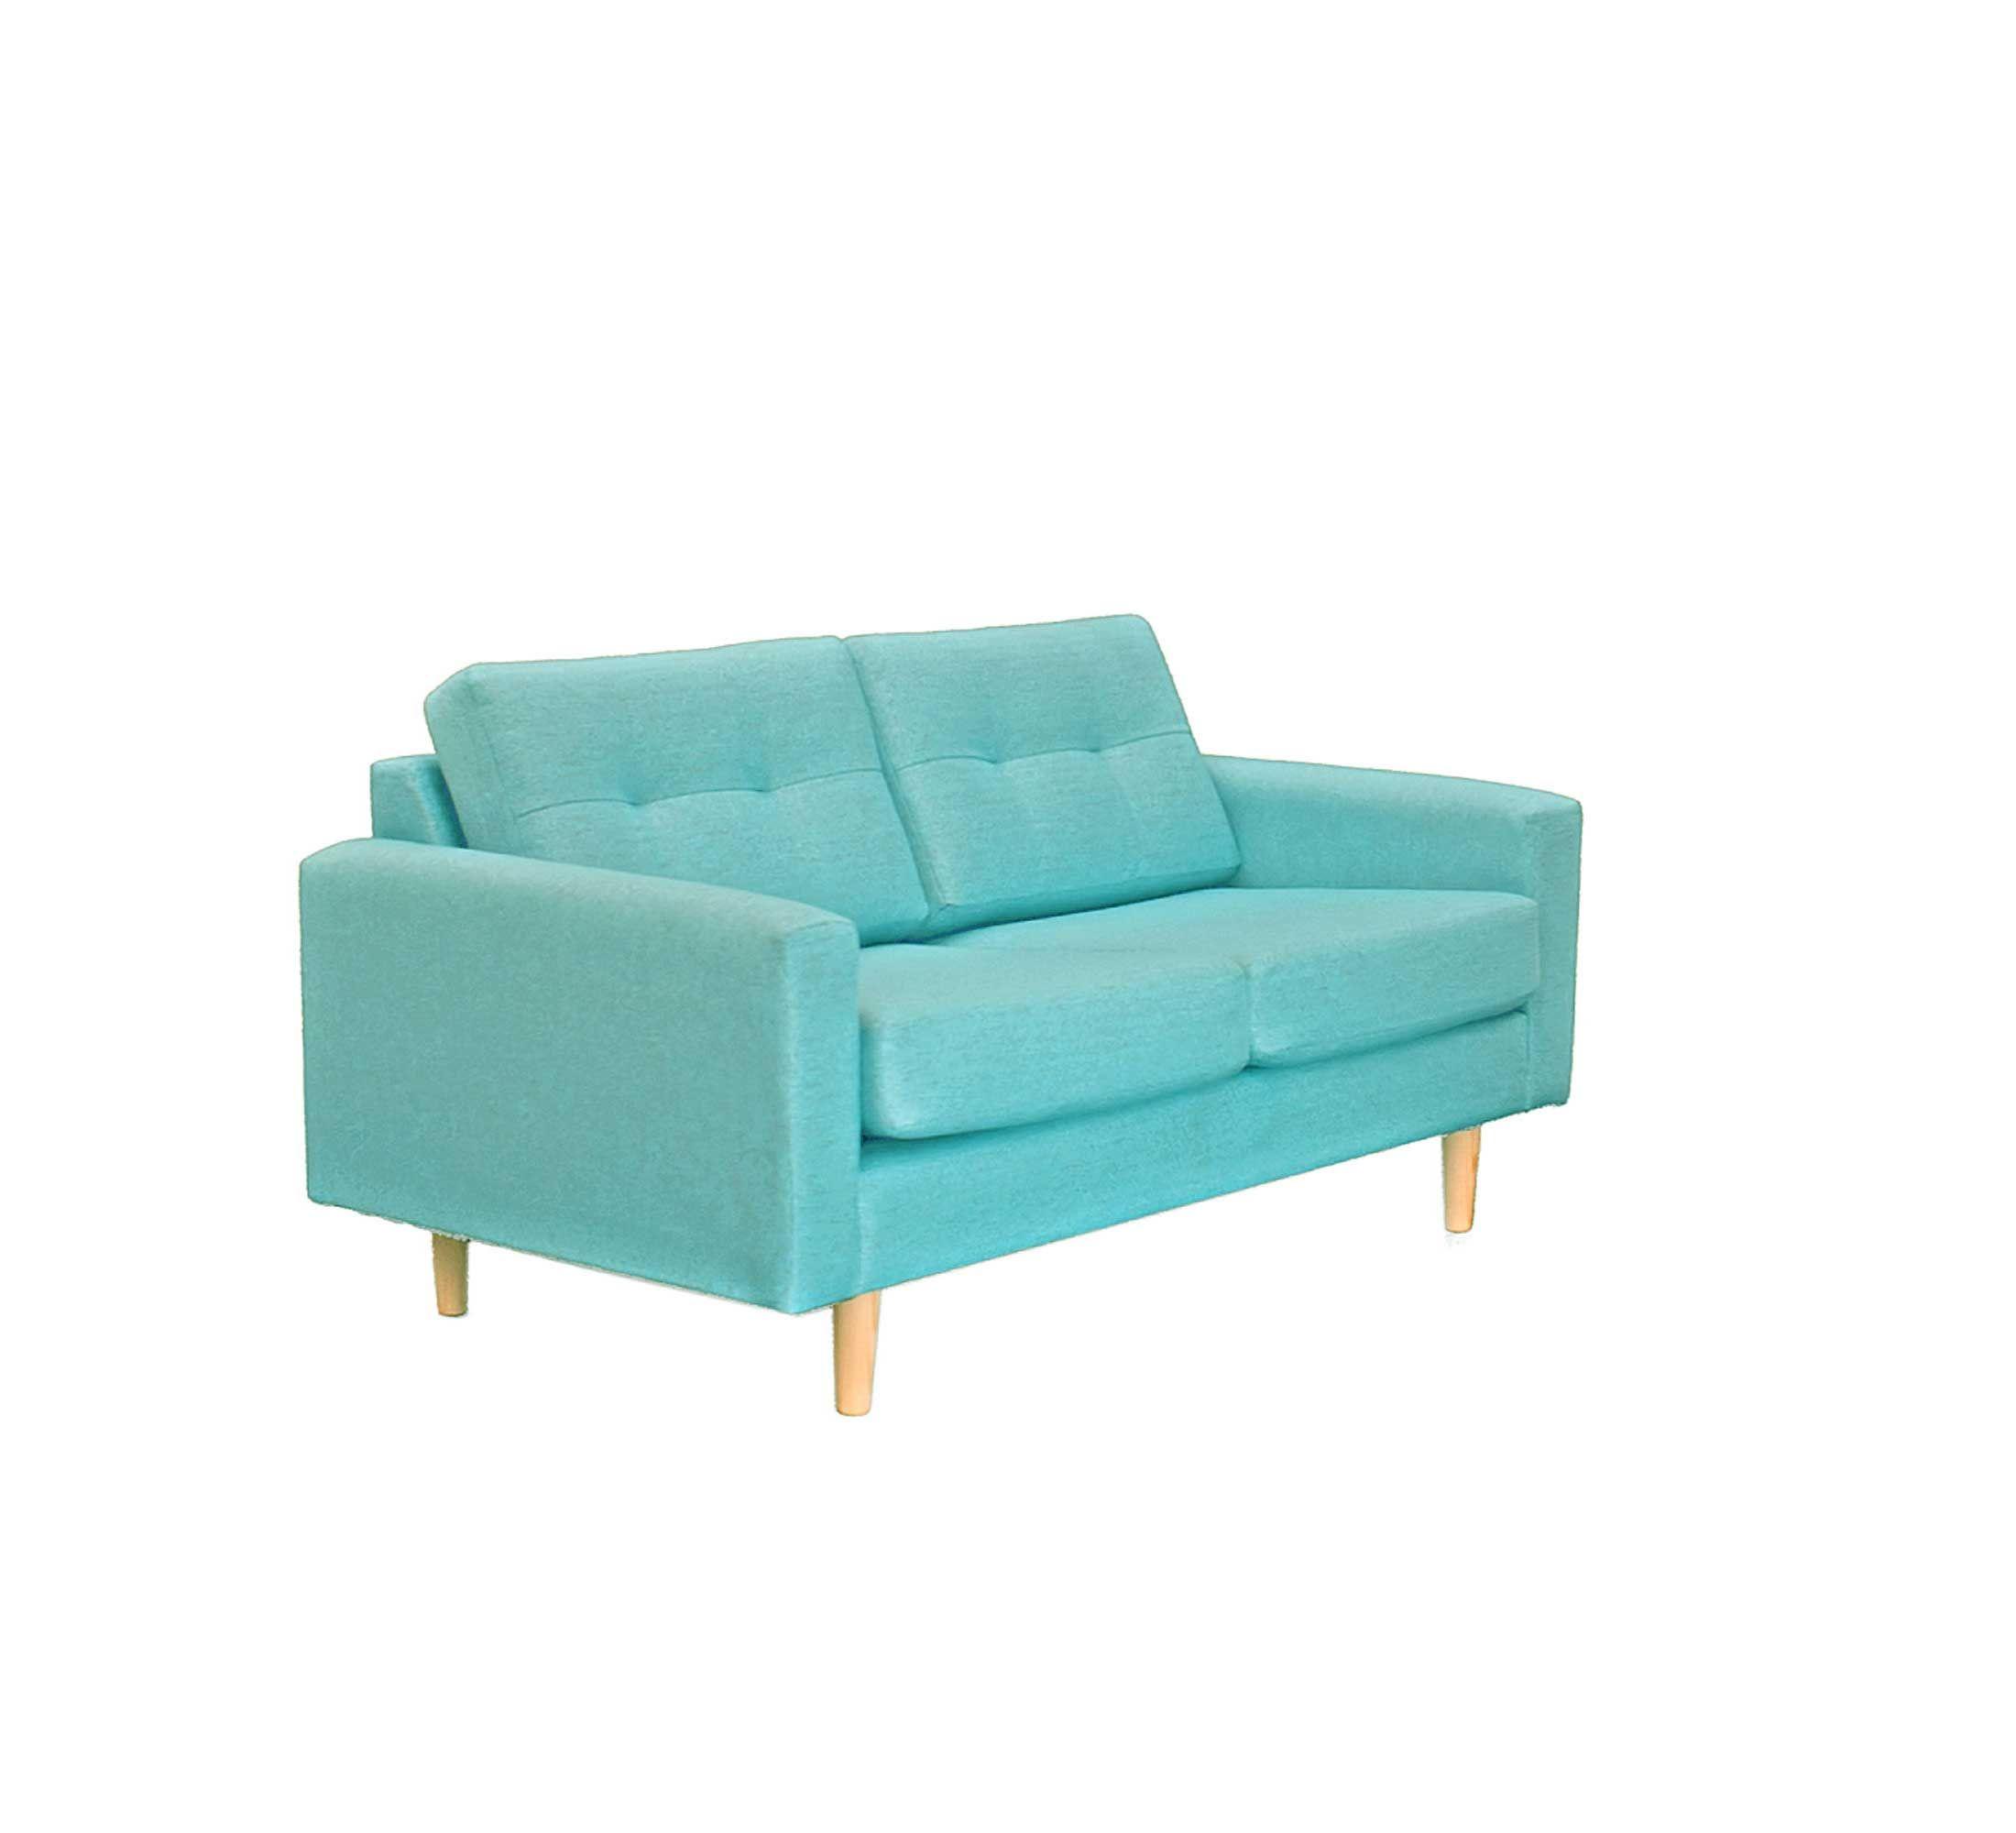 Jazz 2 Seater Sofa Sofas Sofas & Armchairs